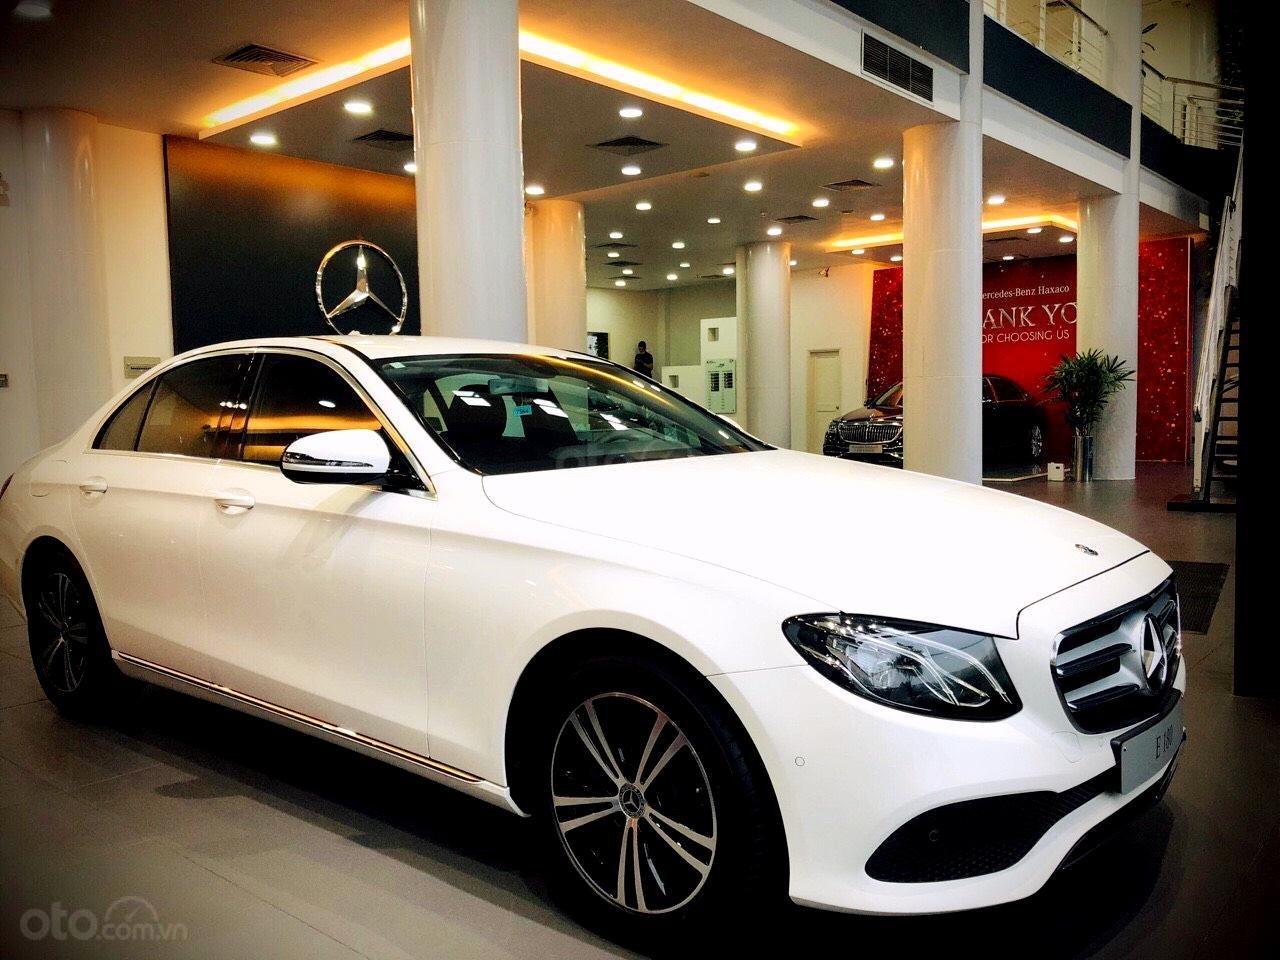 Mercedes Benz Haxaco Điện Biên Phủ, Mercedes E180 - giảm 100 triệu đến tháng 2, trả góp 80% - xe đủ màu giao ngay (2)